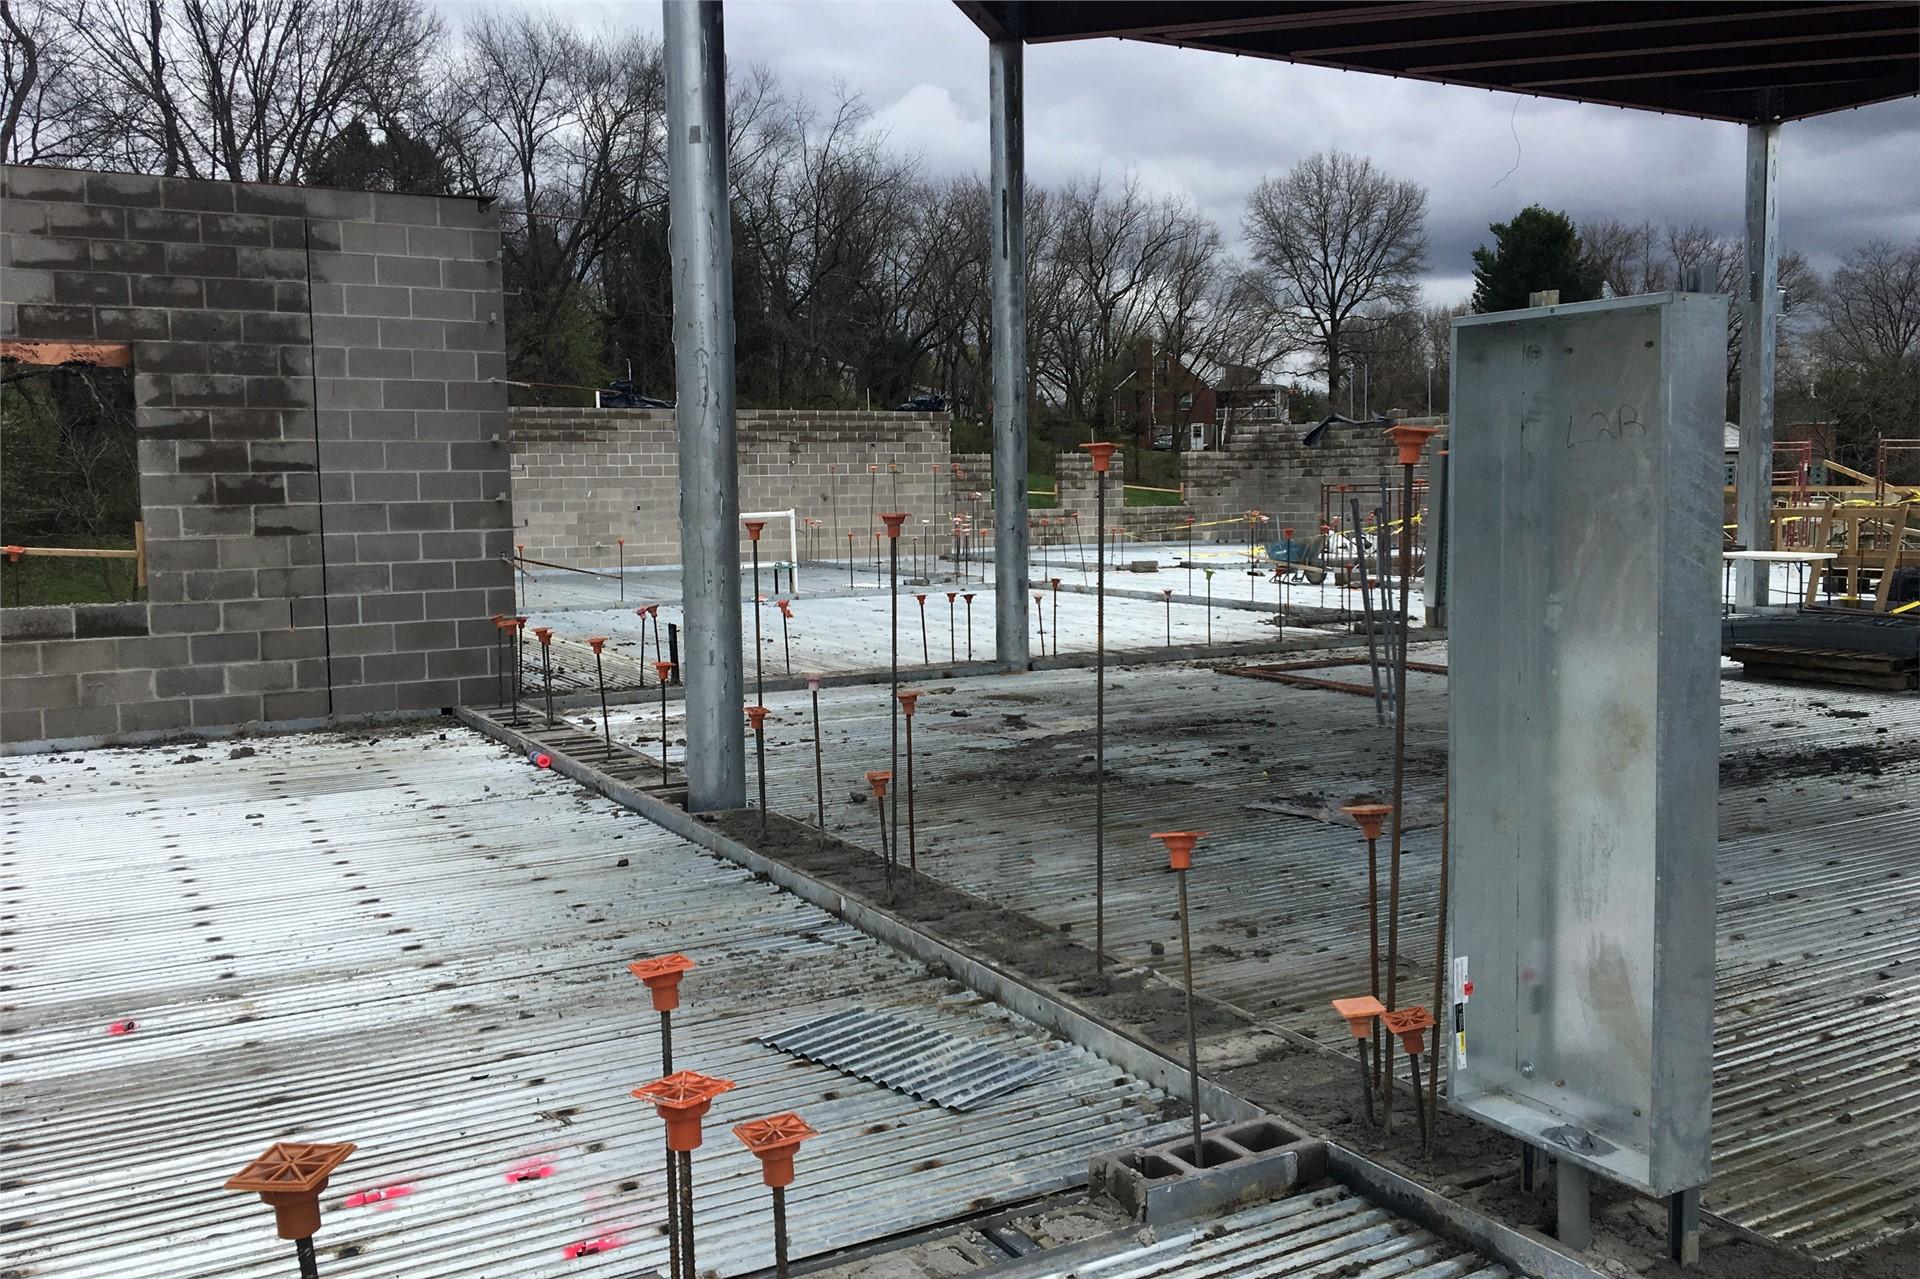 New school construction site: Concrete walls